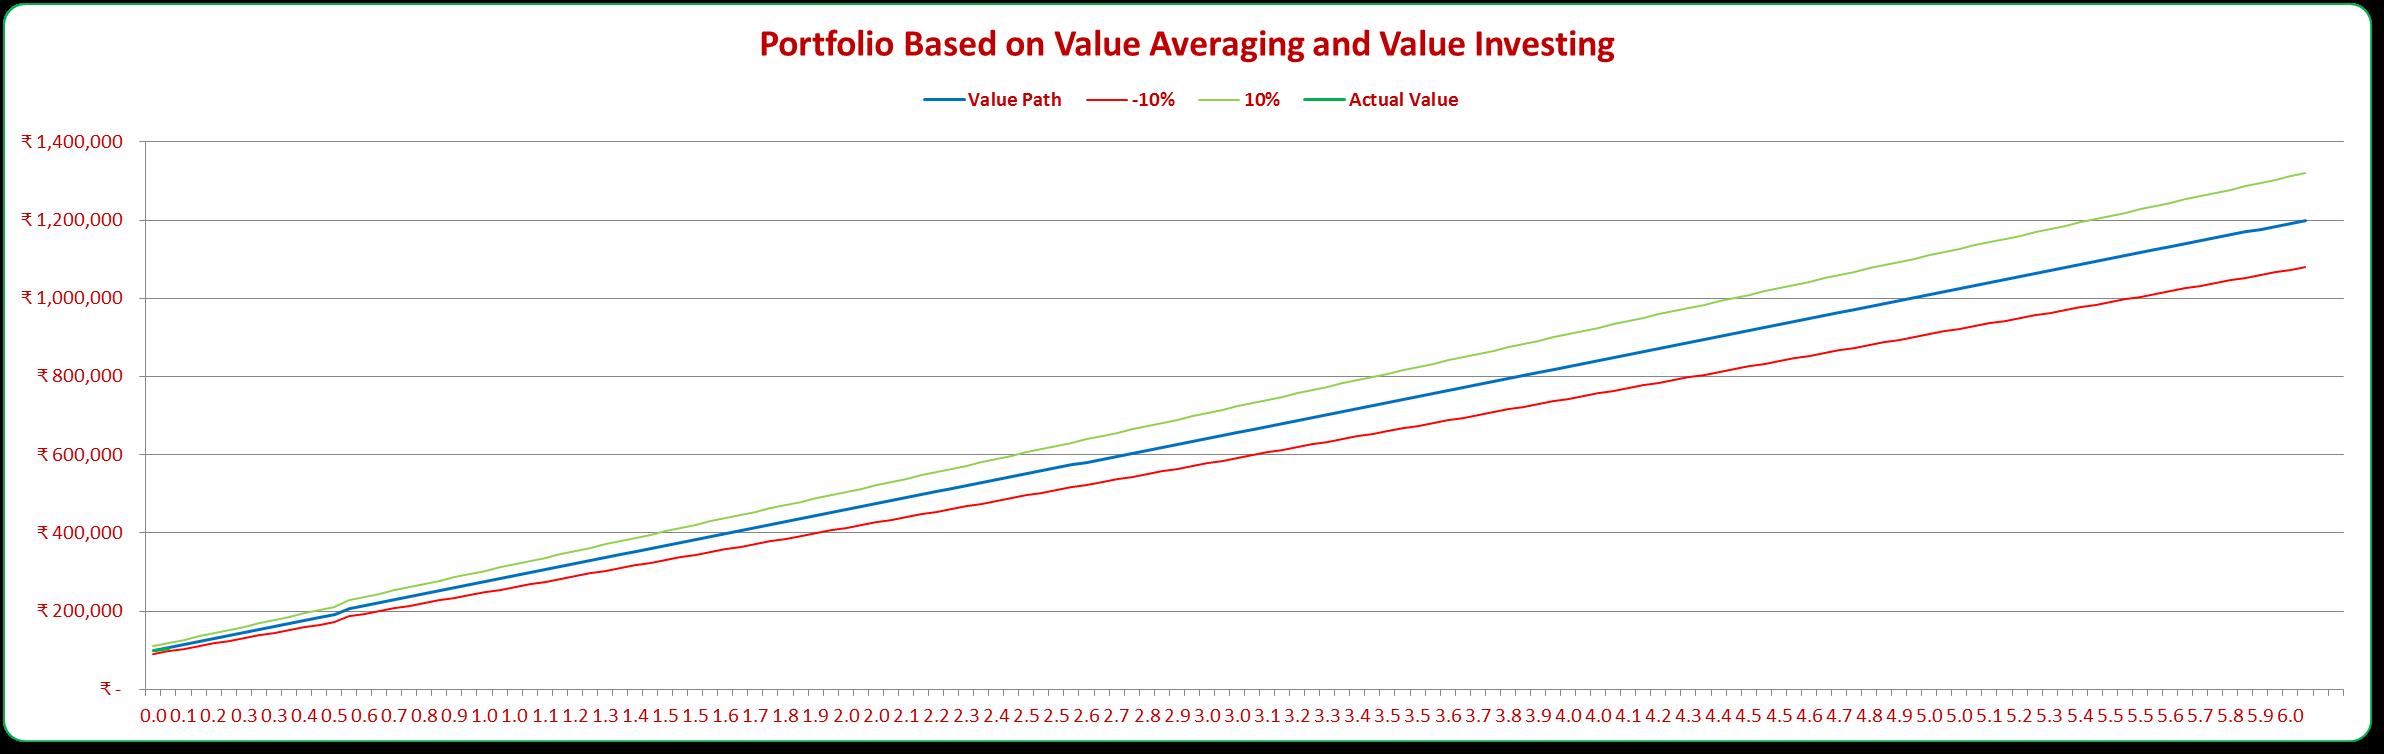 Value Investing Portfolio - Value Path